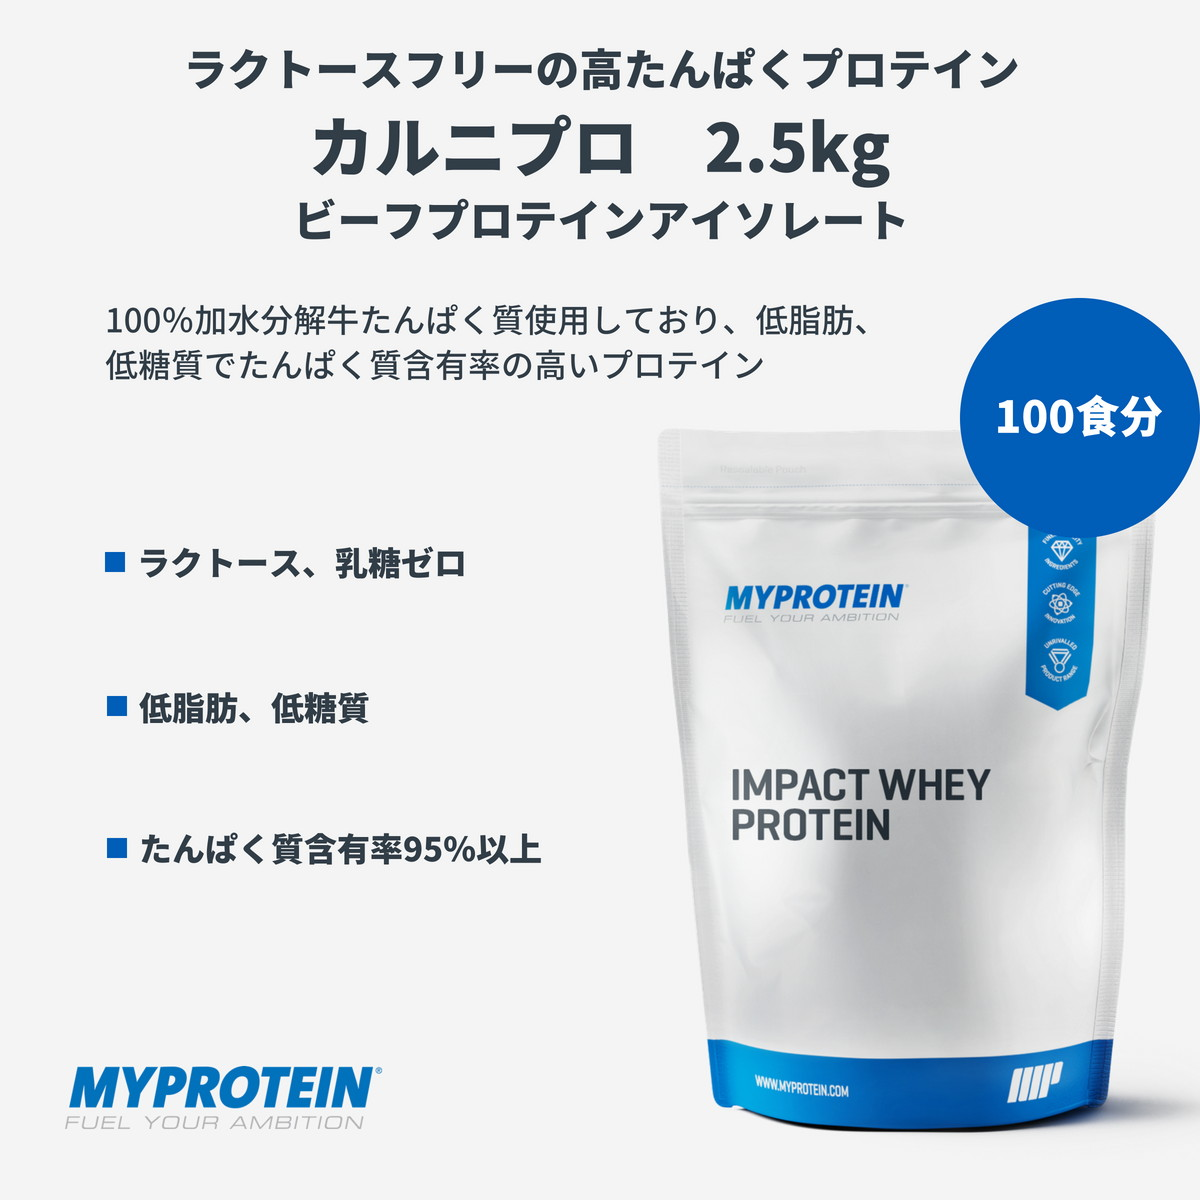 マイプロテイン 公式 【MyProtein】 カルニプロ(加水分解 ビーフプロテイン) 2.5kg 約100食分| プロテイン ダイエット バルクアップ ボディーメイク アミノ酸 EAA 牛由来 タンパク質 低脂肪 低糖 糖質制限 低糖質